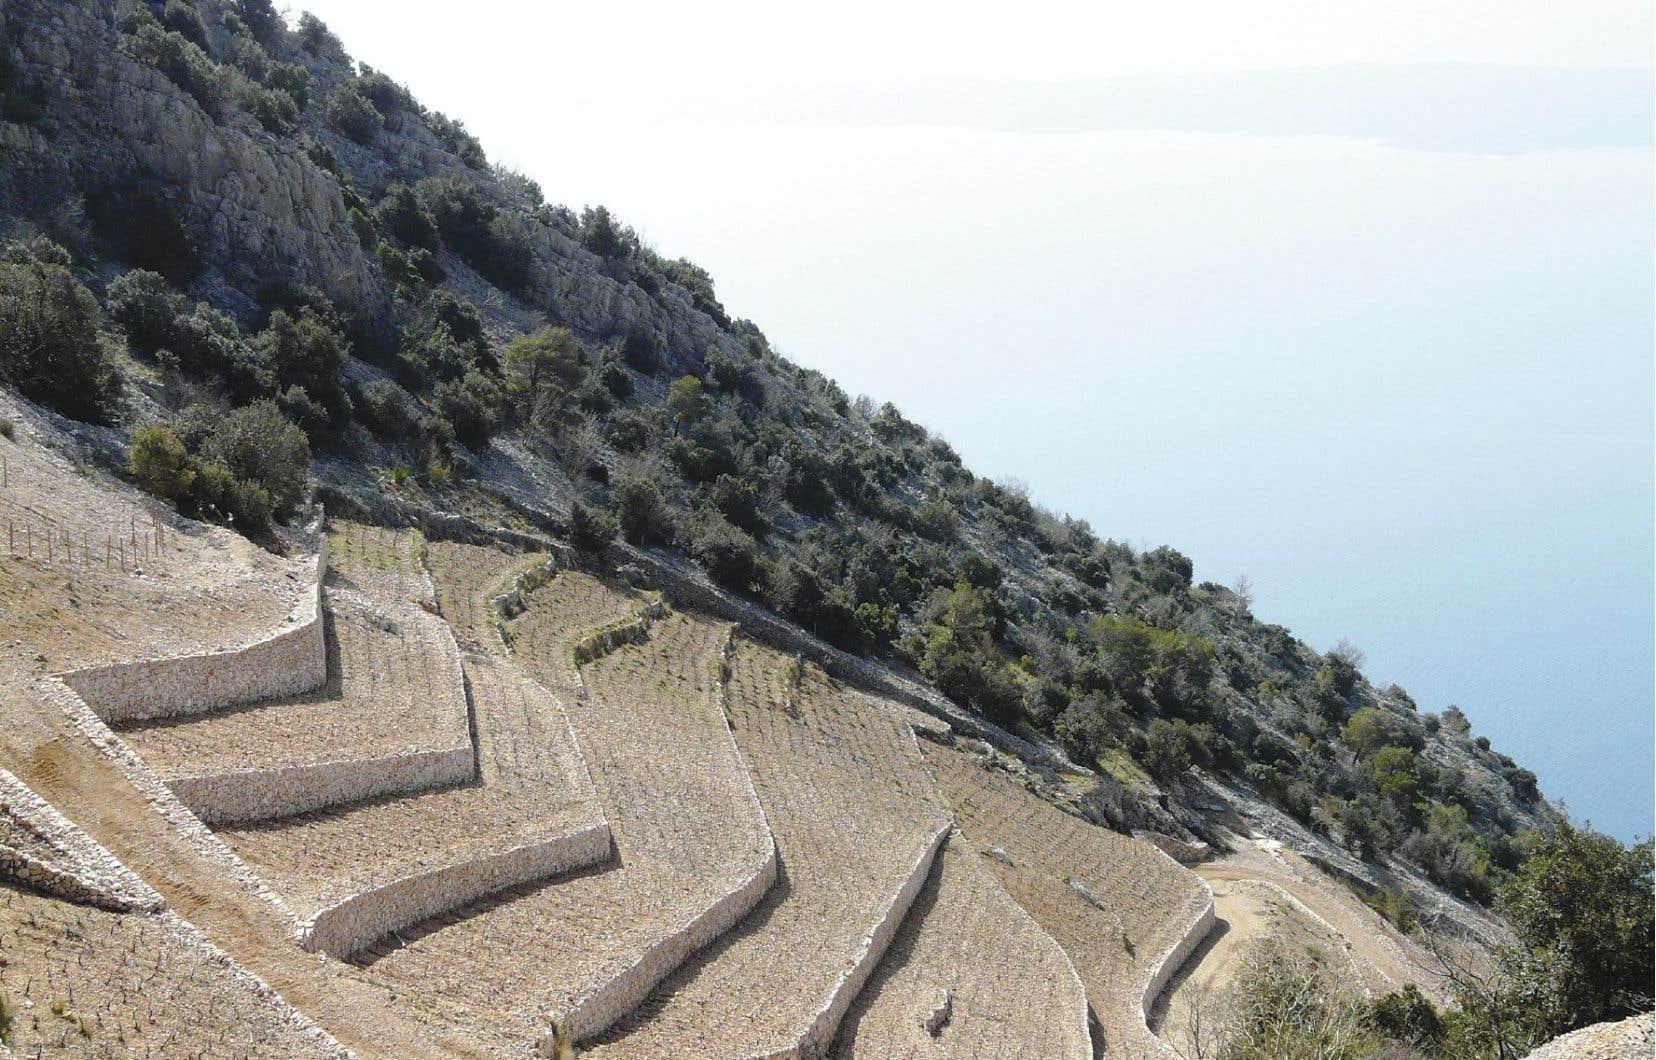 Des terrasses sur l'île de Brac (côte sud en face de l'île Hvar) qui n'ont rien à envier à celles du Douro ou de la Côte Rôtie.